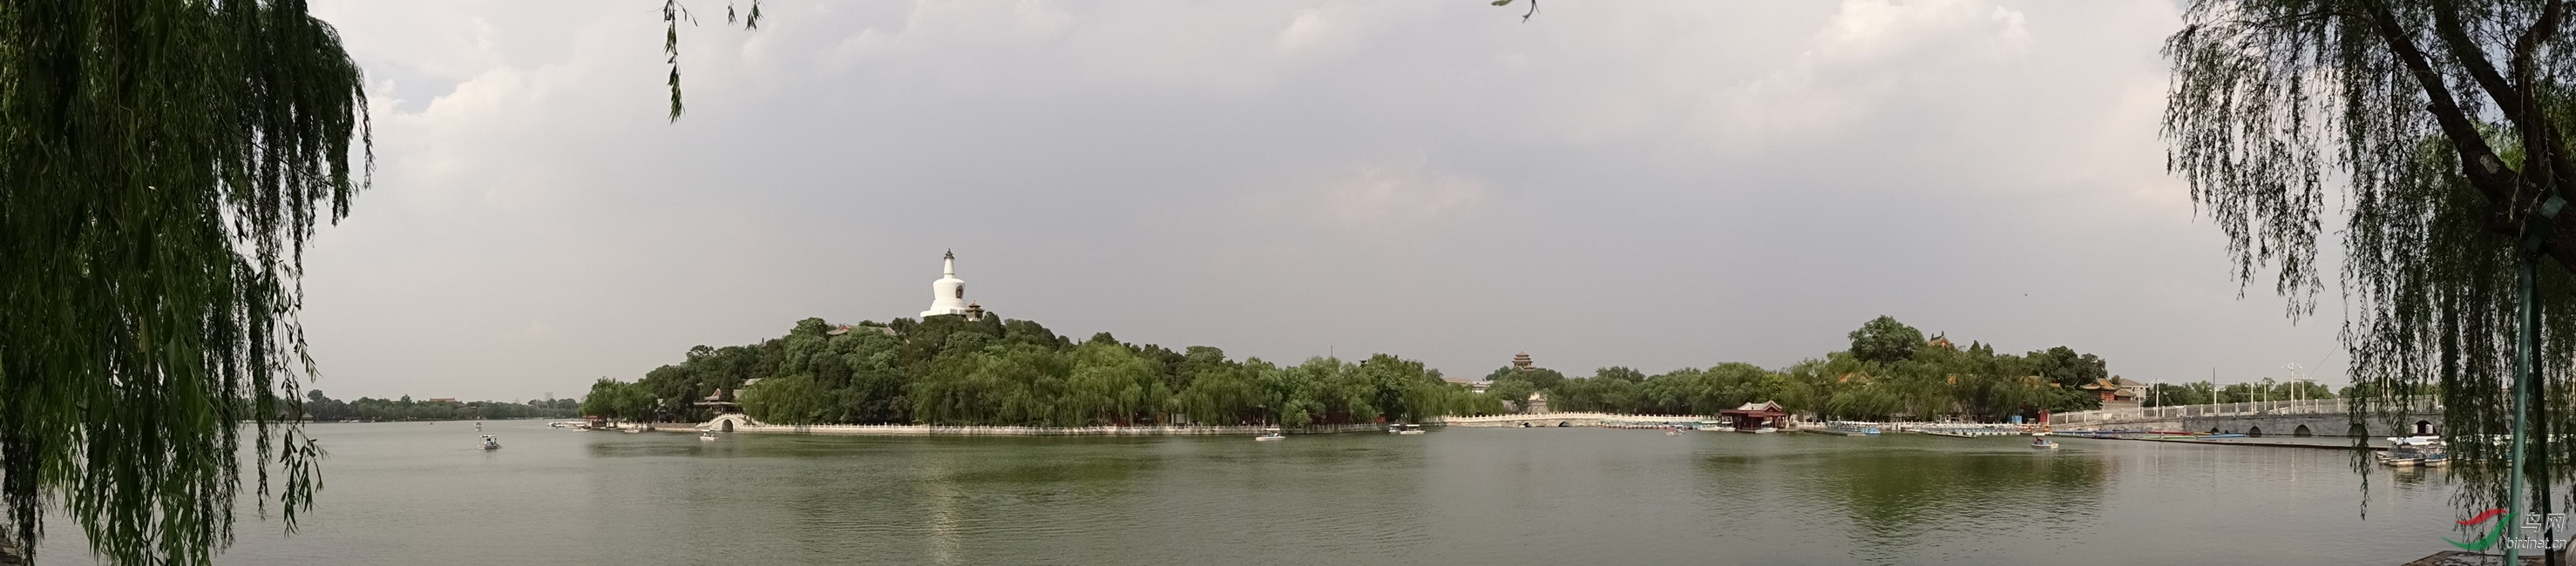 140609北京北海公园141西岸东眺北海全景.jpg